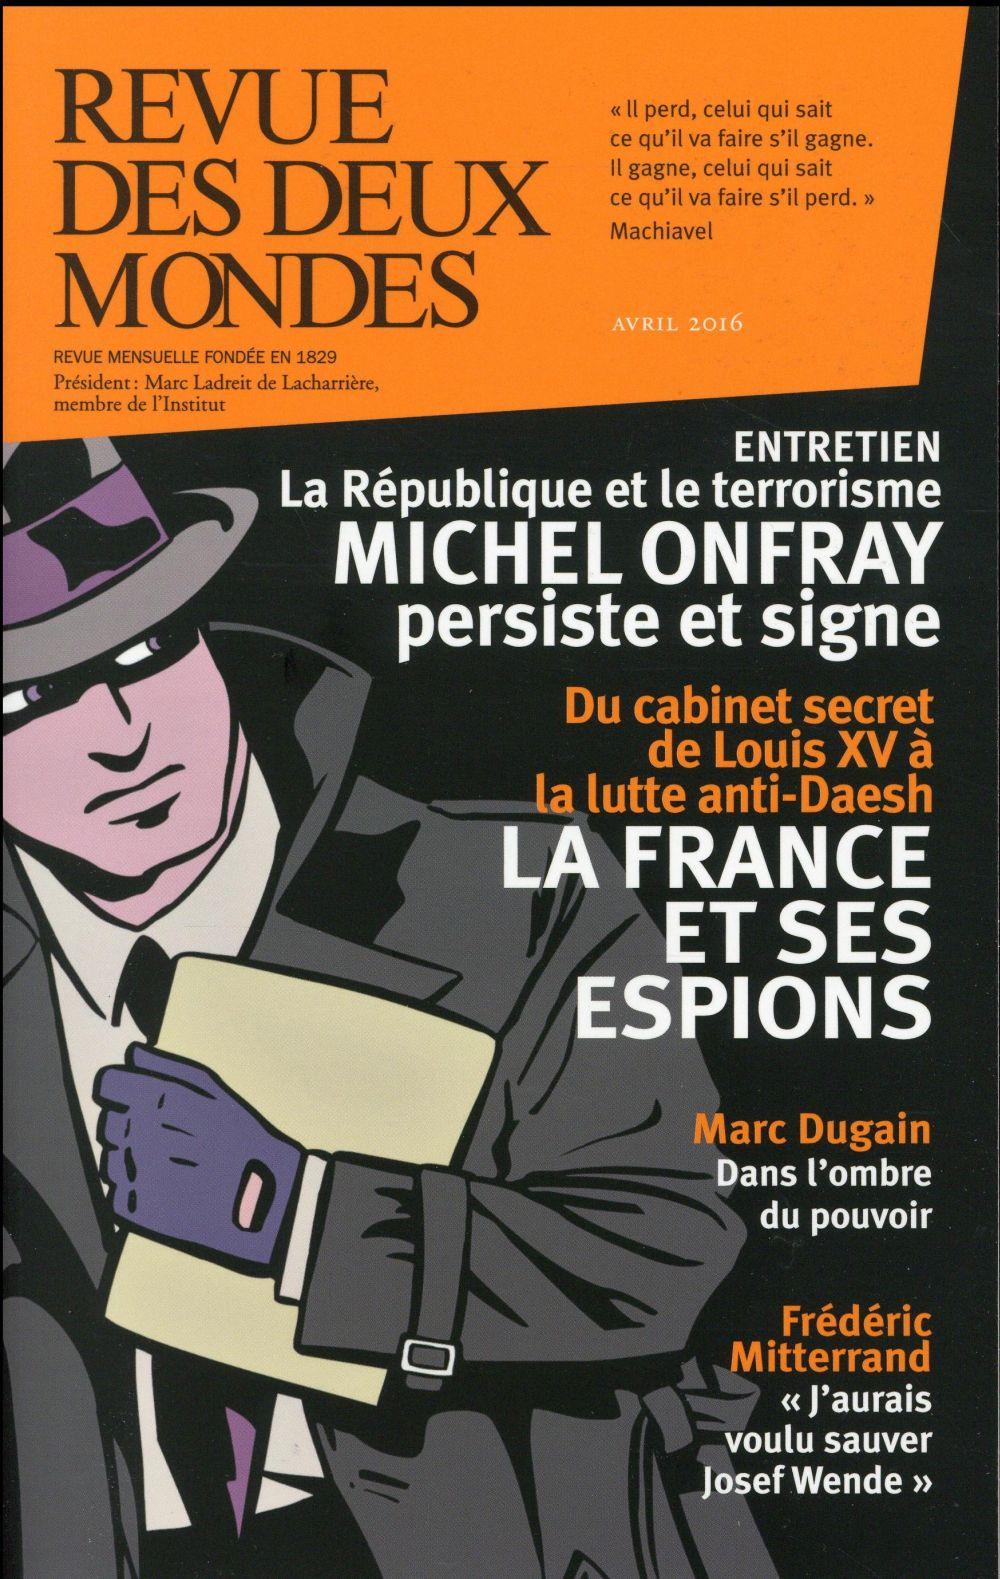 REVUE DES DEUX MONDES AVRIL 2016 LES SERVICES SECRETS